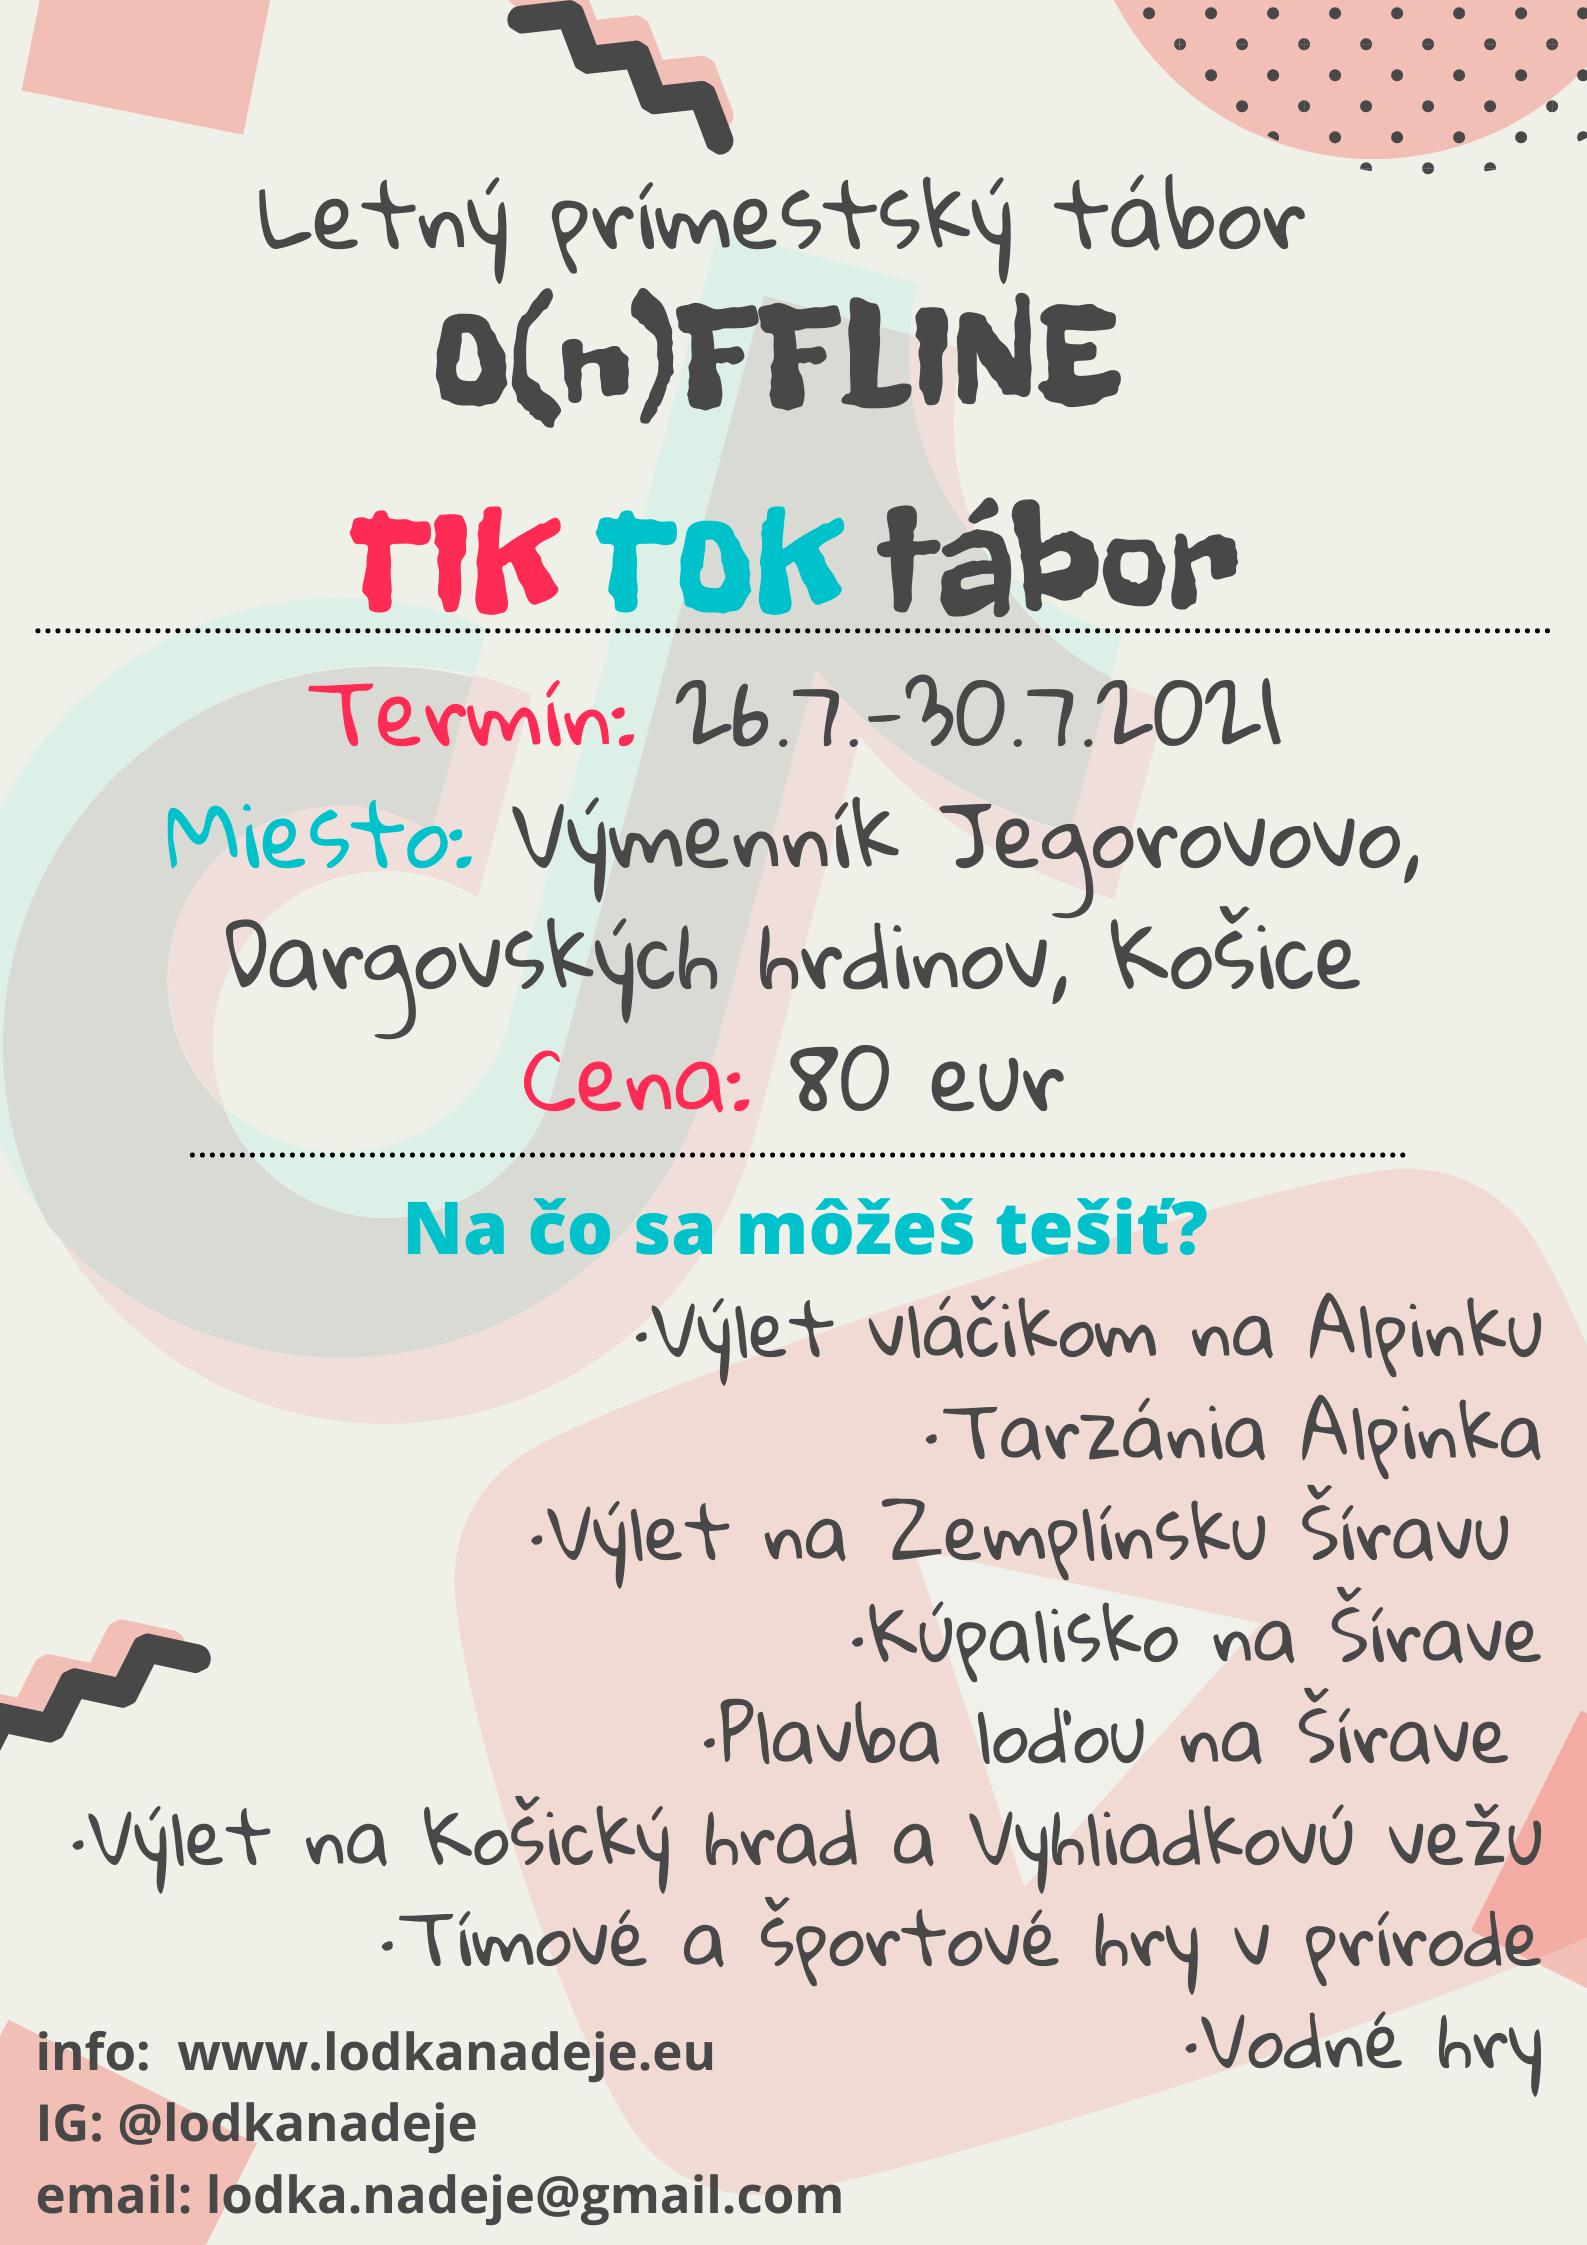 🎬O(n)FFLINE TIK TOK tábor🎥